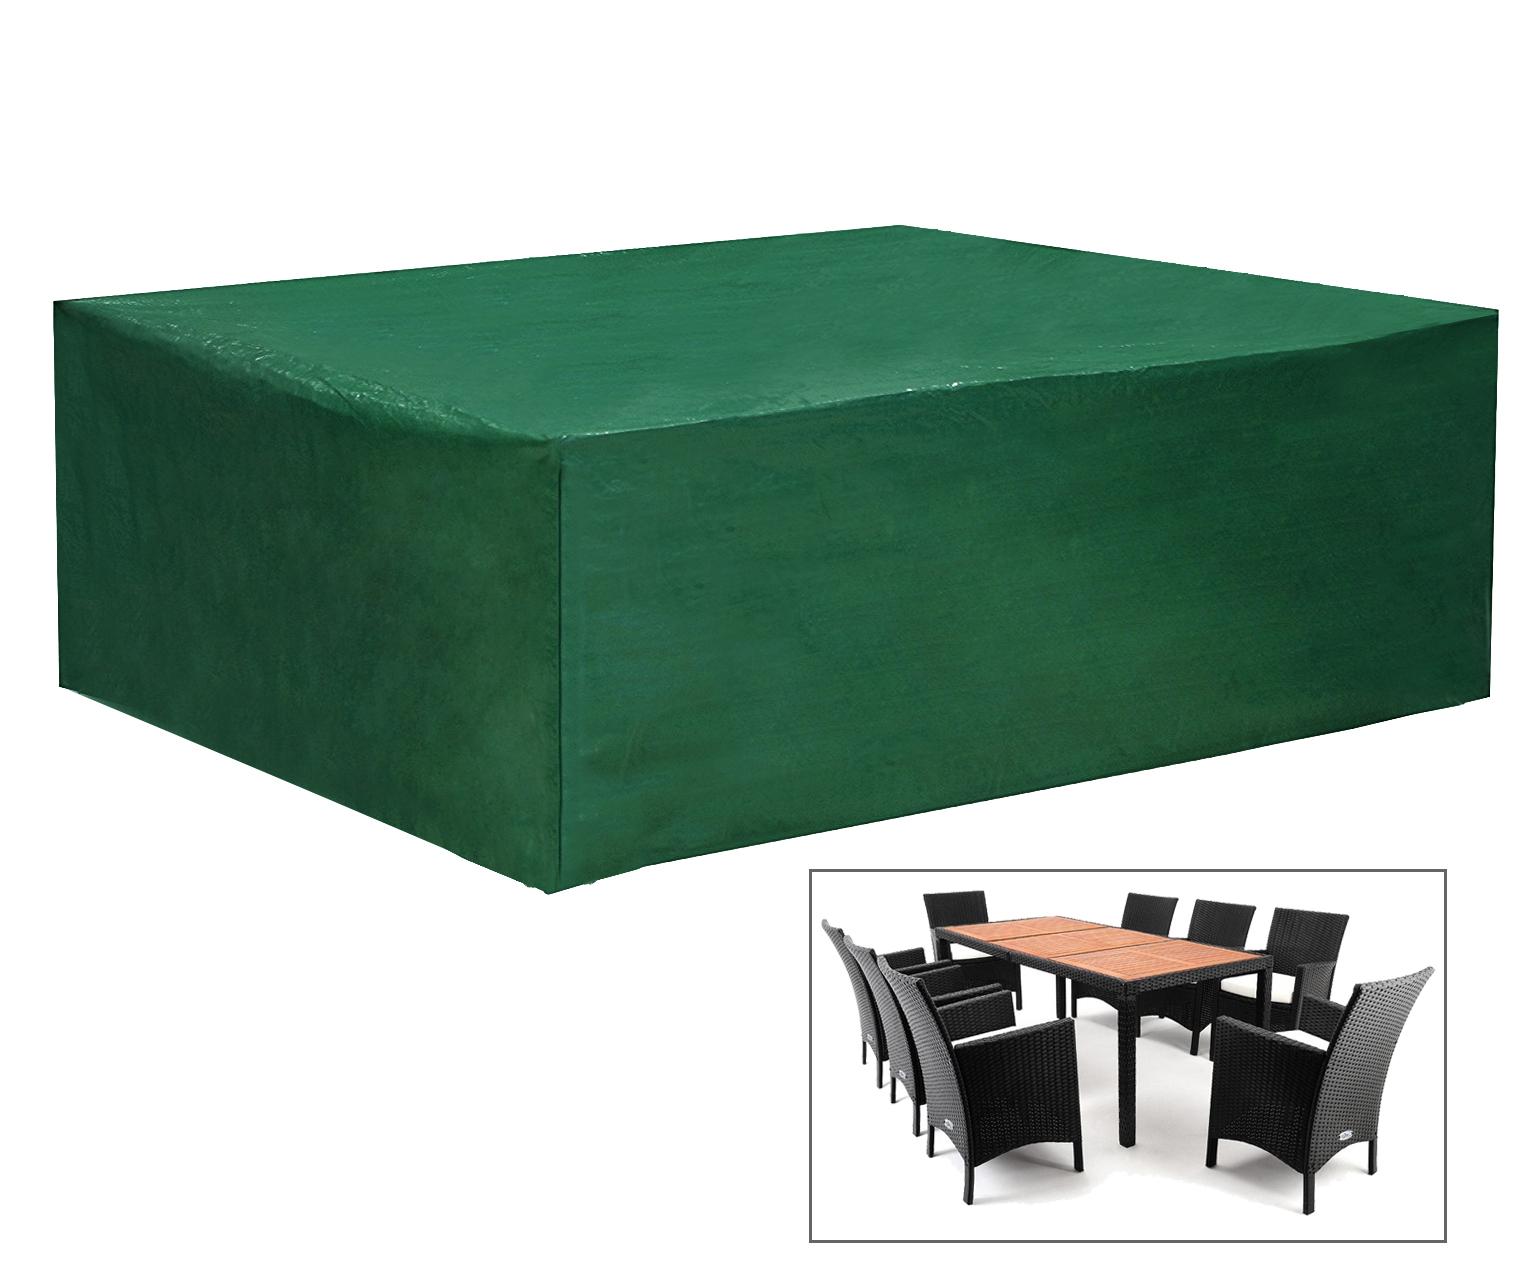 schutzh lle gartenm bel schutzplane abdeckung h lle sitzgruppe strandkorb 350 ebay. Black Bedroom Furniture Sets. Home Design Ideas